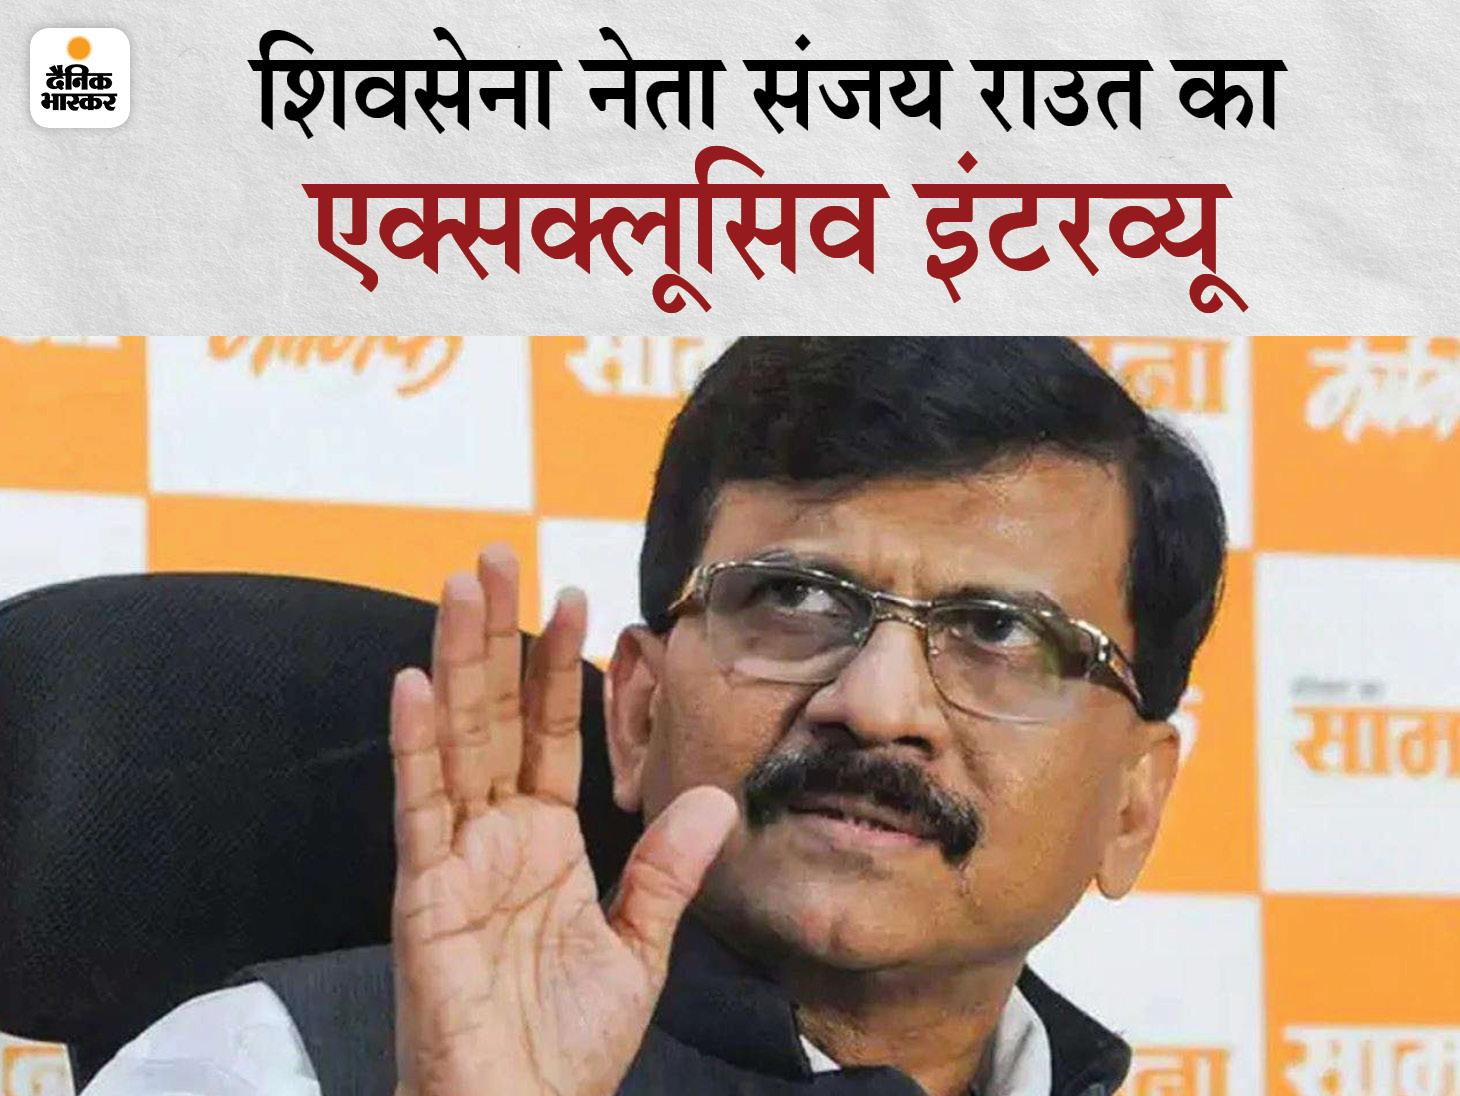 कांग्रेस महाराष्ट्र में लोकसभा चुनाव अकेले लड़ना चाहती है तो मैं उसका आत्मविश्वास नहीं तोड़ूंगा, लेकिन उसे केरल और असम के नतीजे नहीं भूलने चाहिए DB ओरिजिनल,DB Original - Dainik Bhaskar